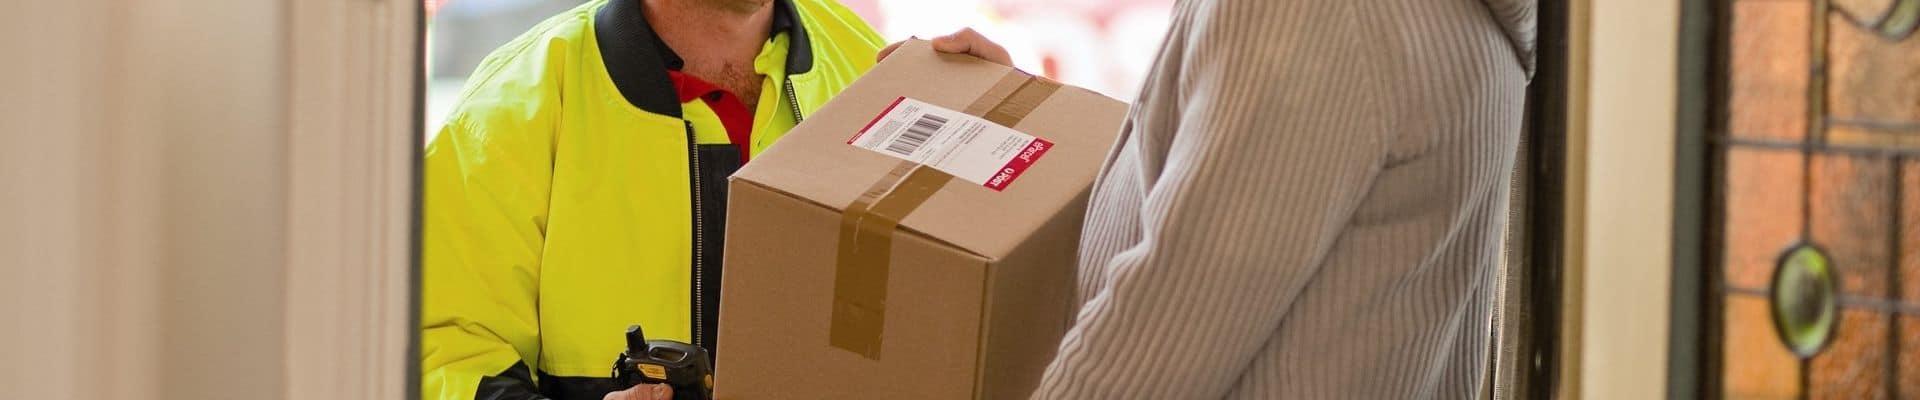 PriPost - Pakketten ontvangen